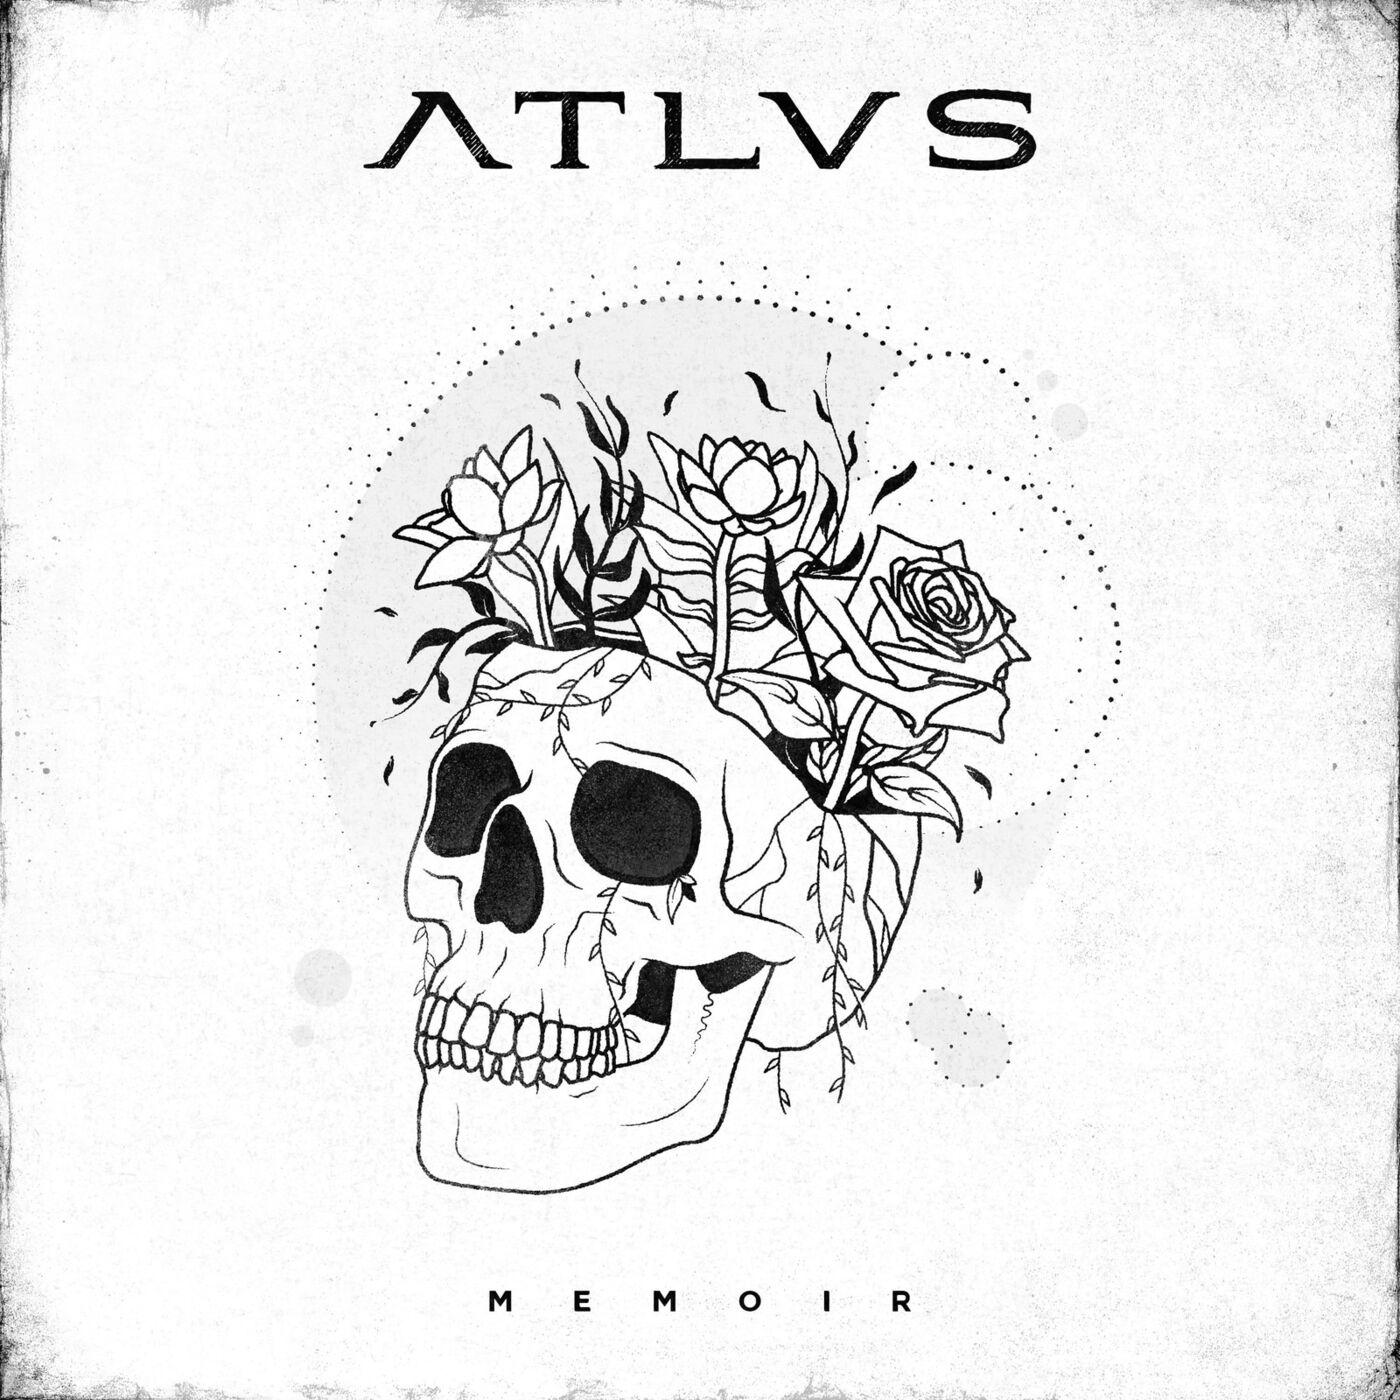 ATLVS - Memoir [EP] (2019)